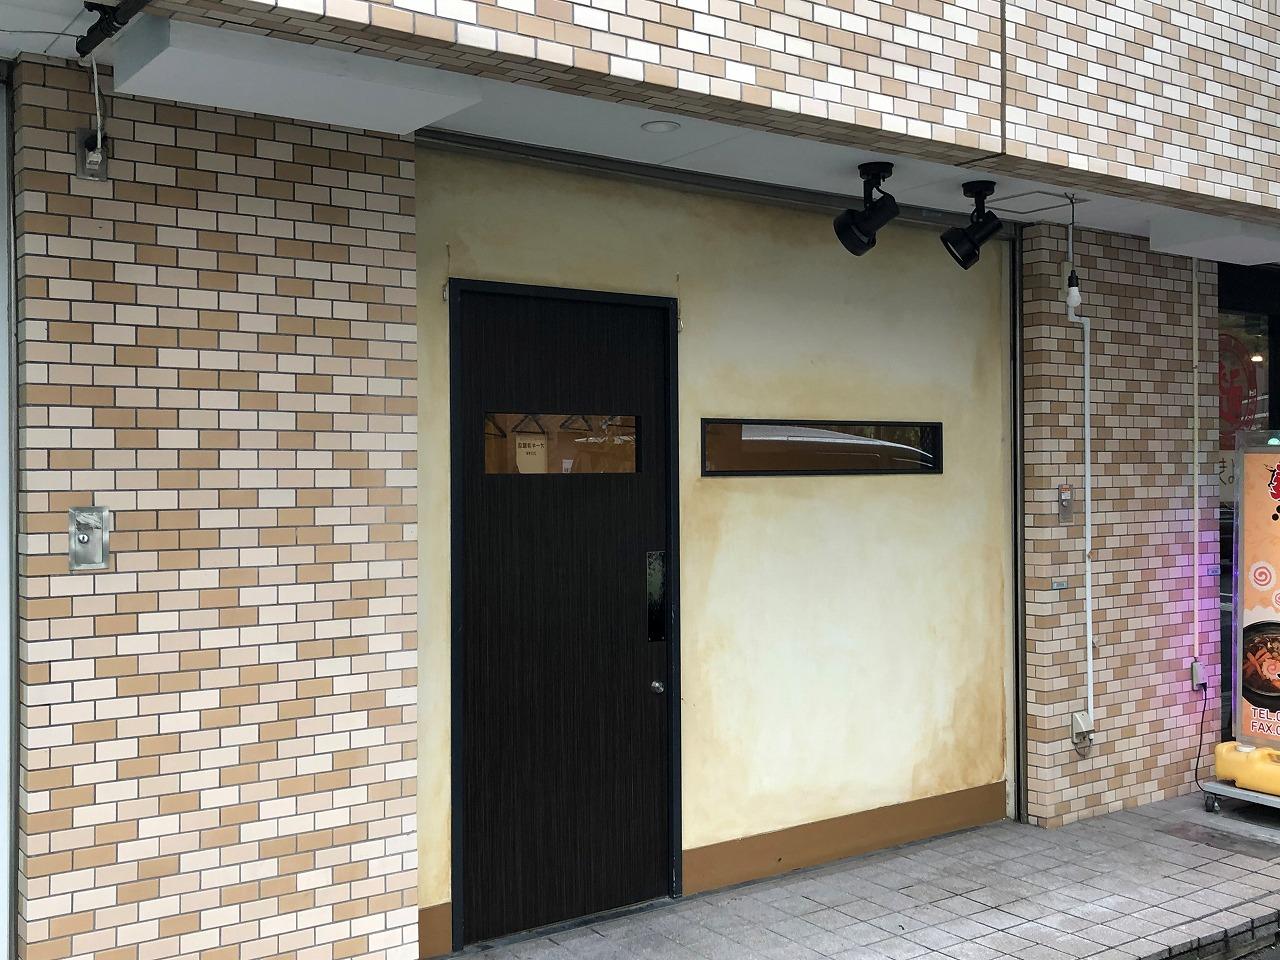 【江戸川橋】内装の状態が良いとご契約!「巡り合わせの物件と出会った」イタリアンのカフェ&BARを12月に開業します。